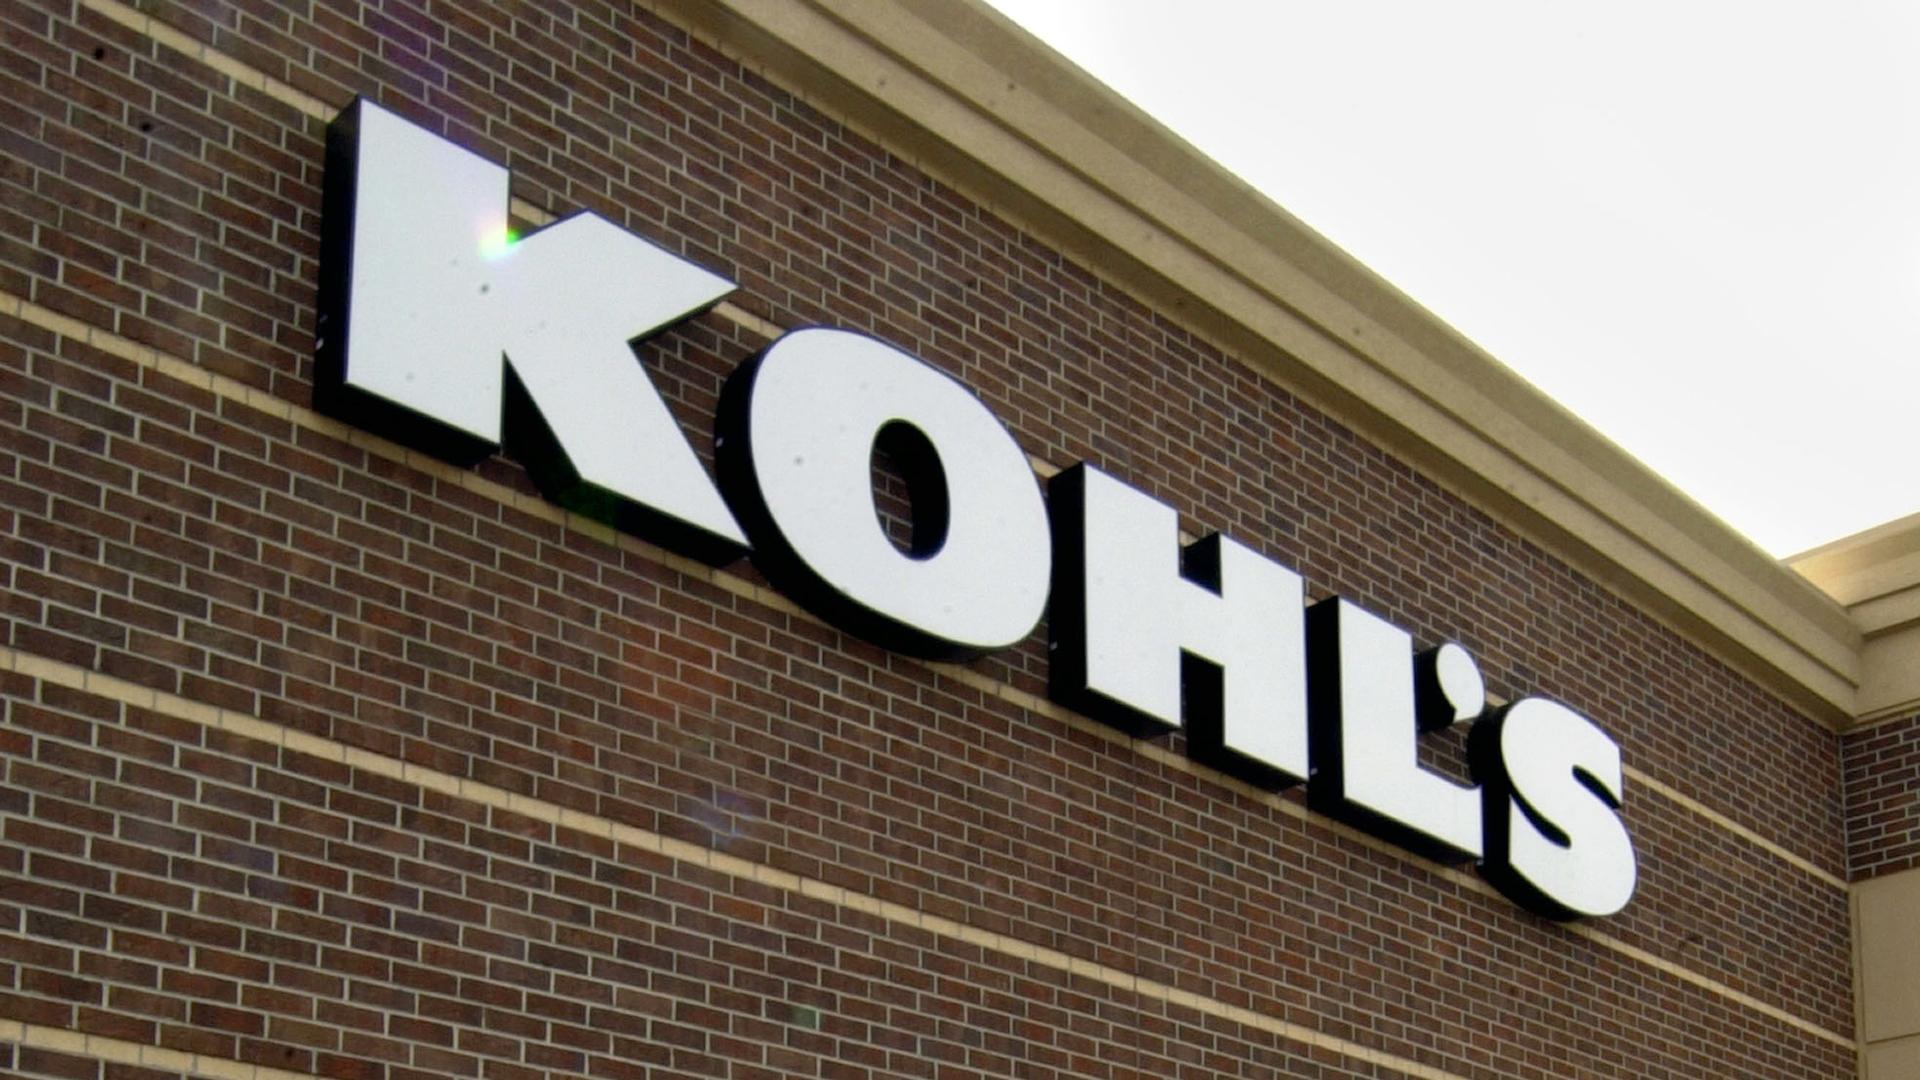 Kohl's department store sign-159532-159532.jpg62892351